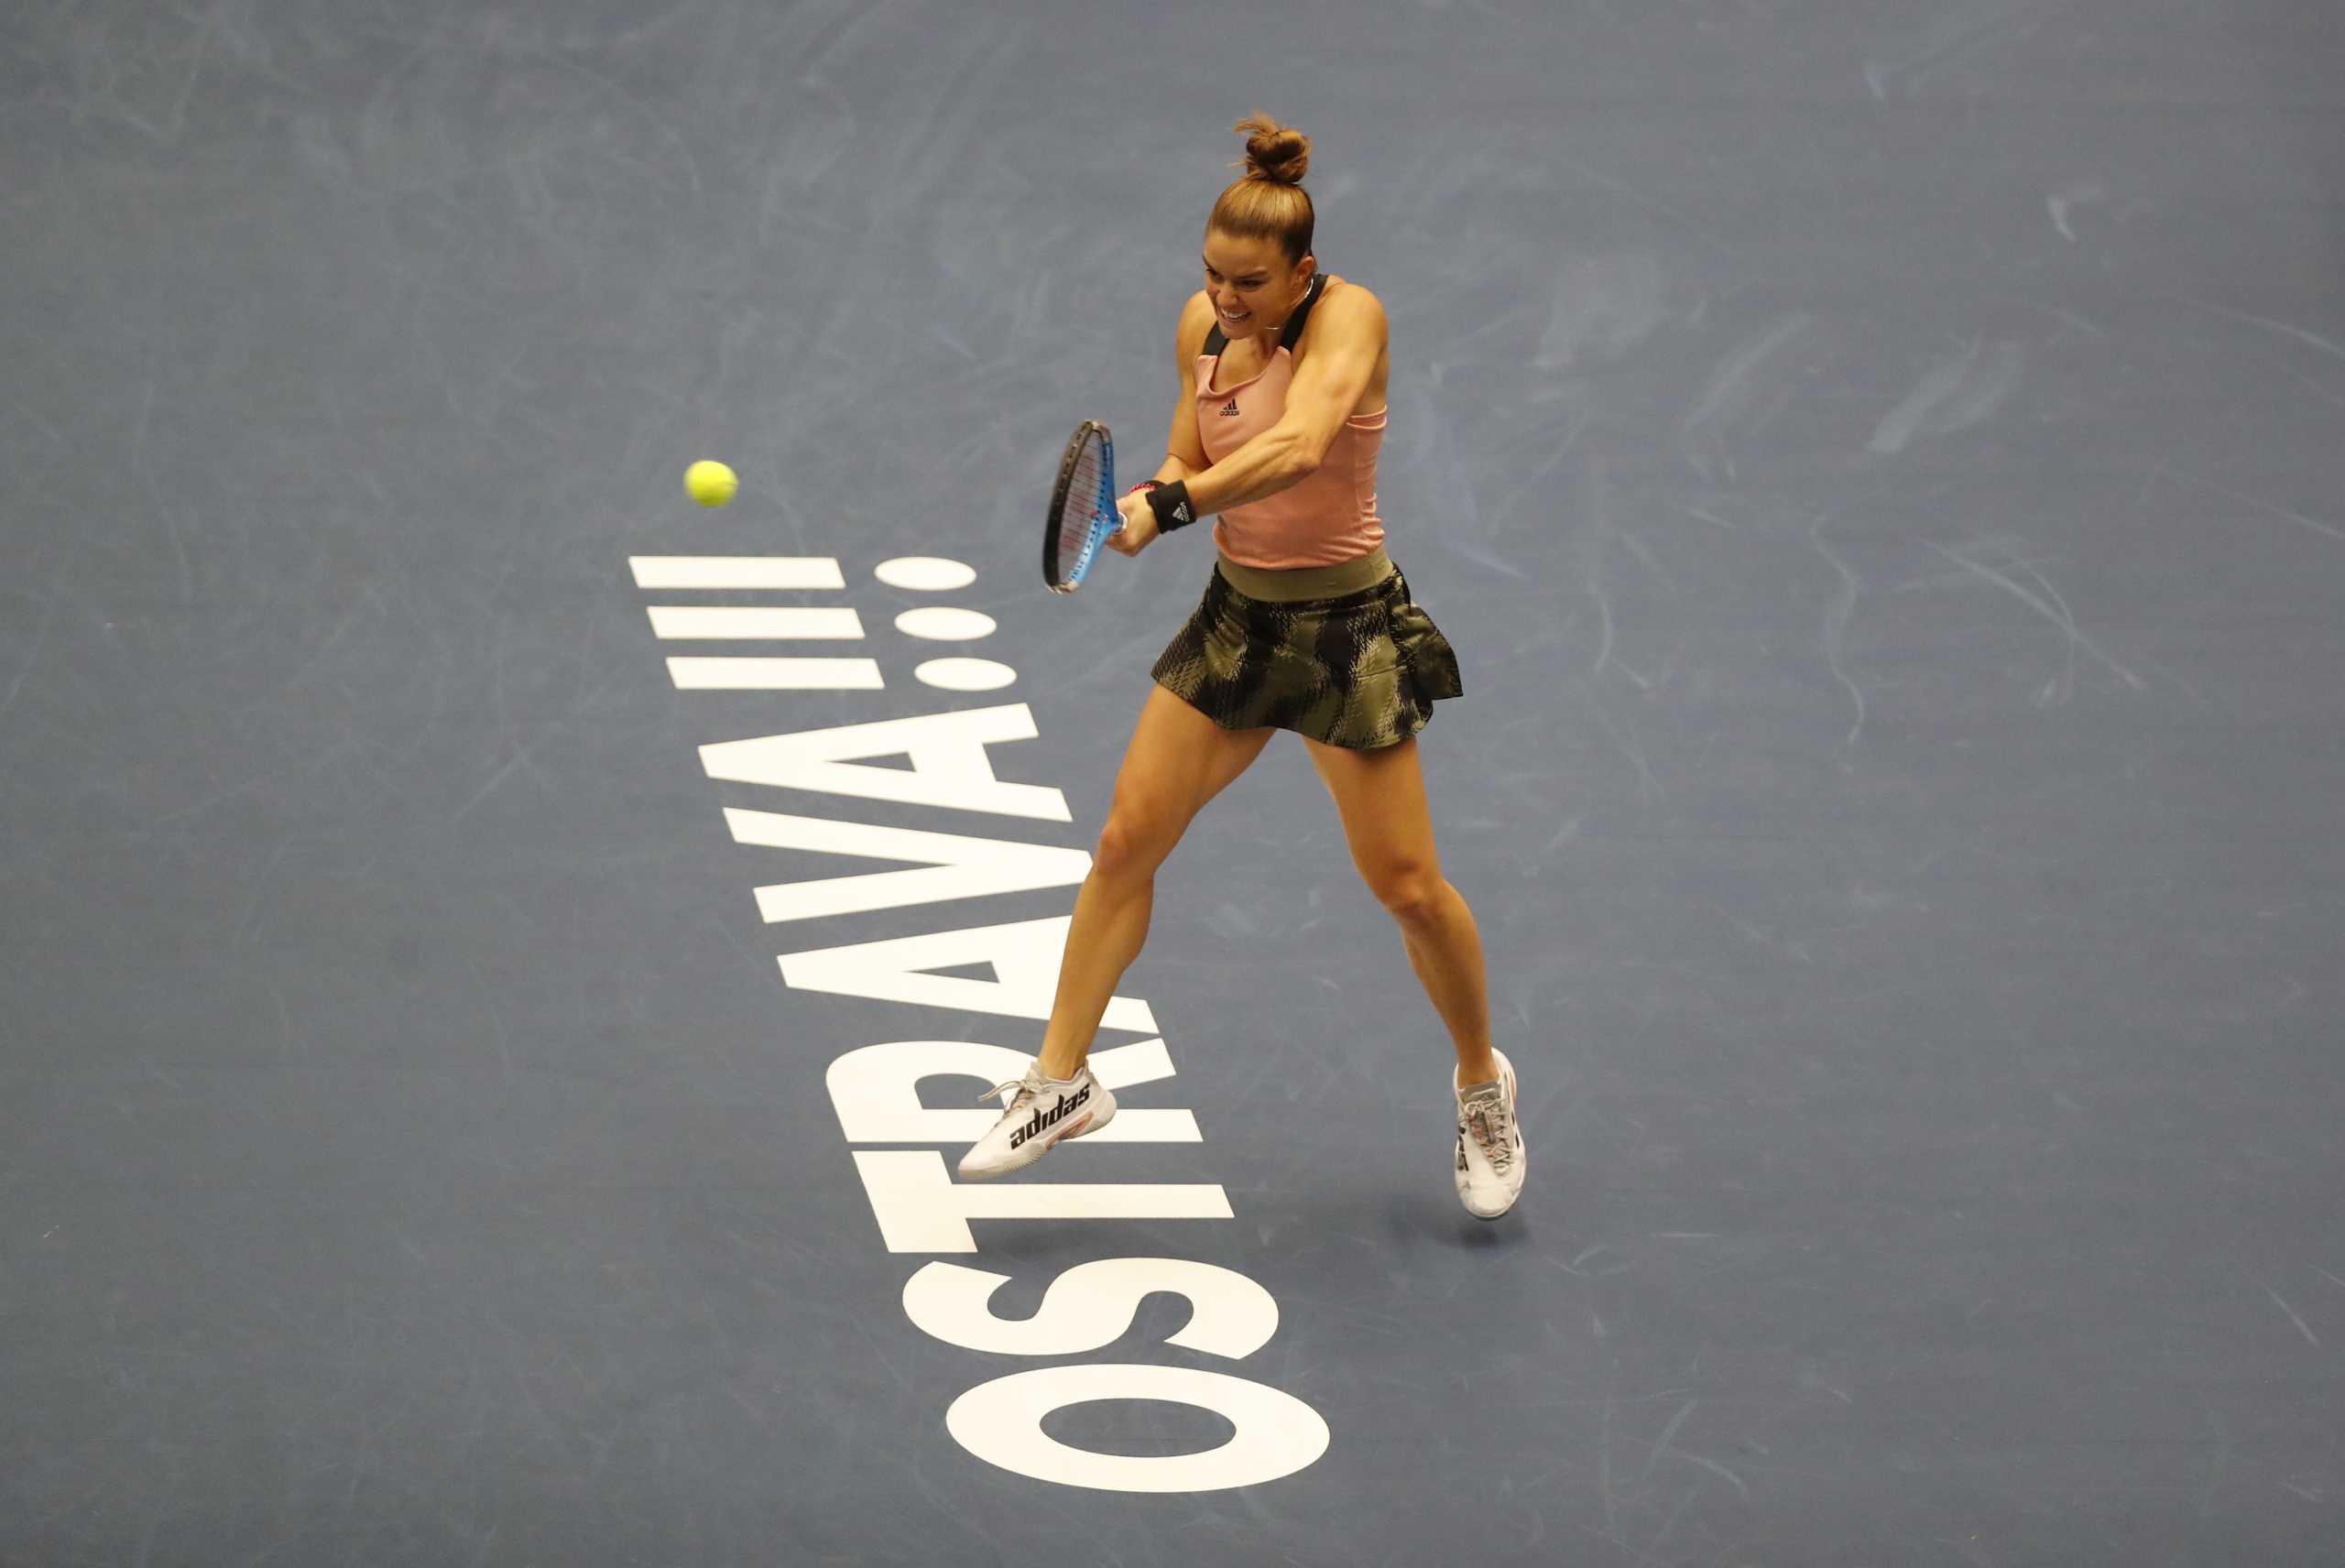 Μαρία Σάκκαρη – Ανέτ Κονταβέιτ 0-2: «Λύγισε» στον τελικό η Ελληνίδα